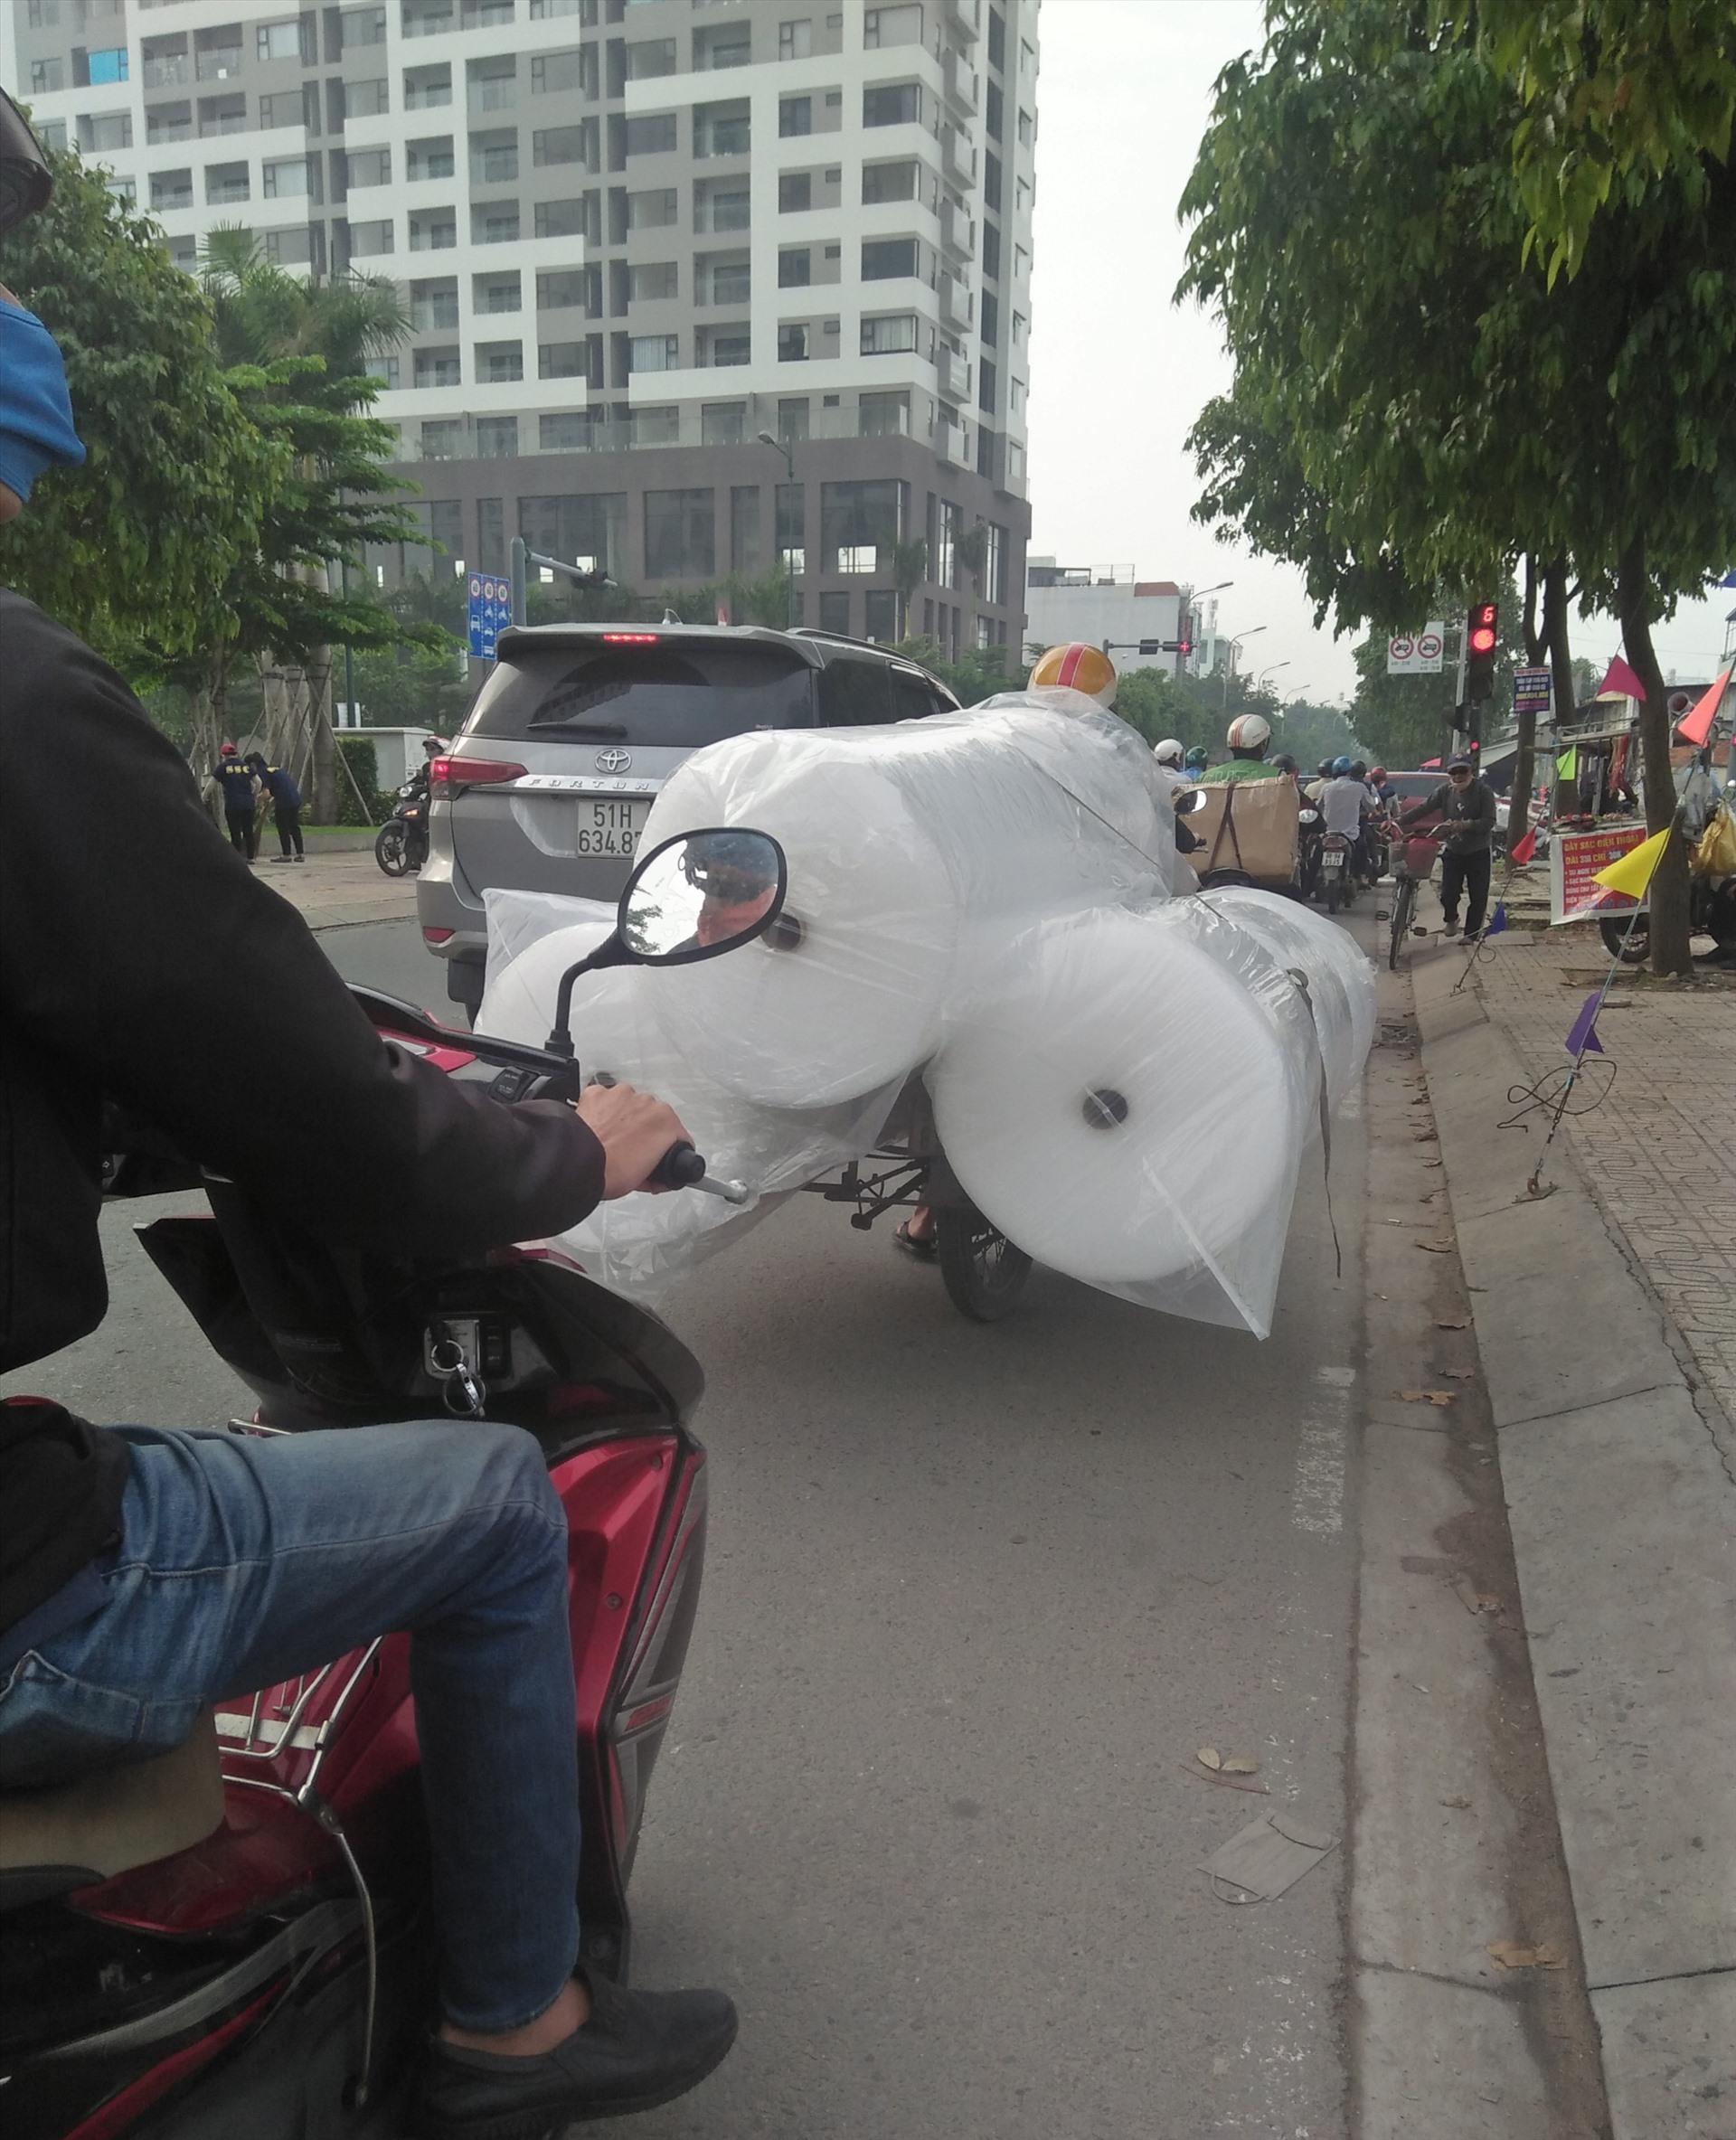 Chiếc xe chở hàng cồng kềnh choán cả lối đi ngay ngã tư đường Đào Trinh Nhất - Phạm Văn Đồng (Thủ Đức, TPHCM). Ảnh MInh Khang